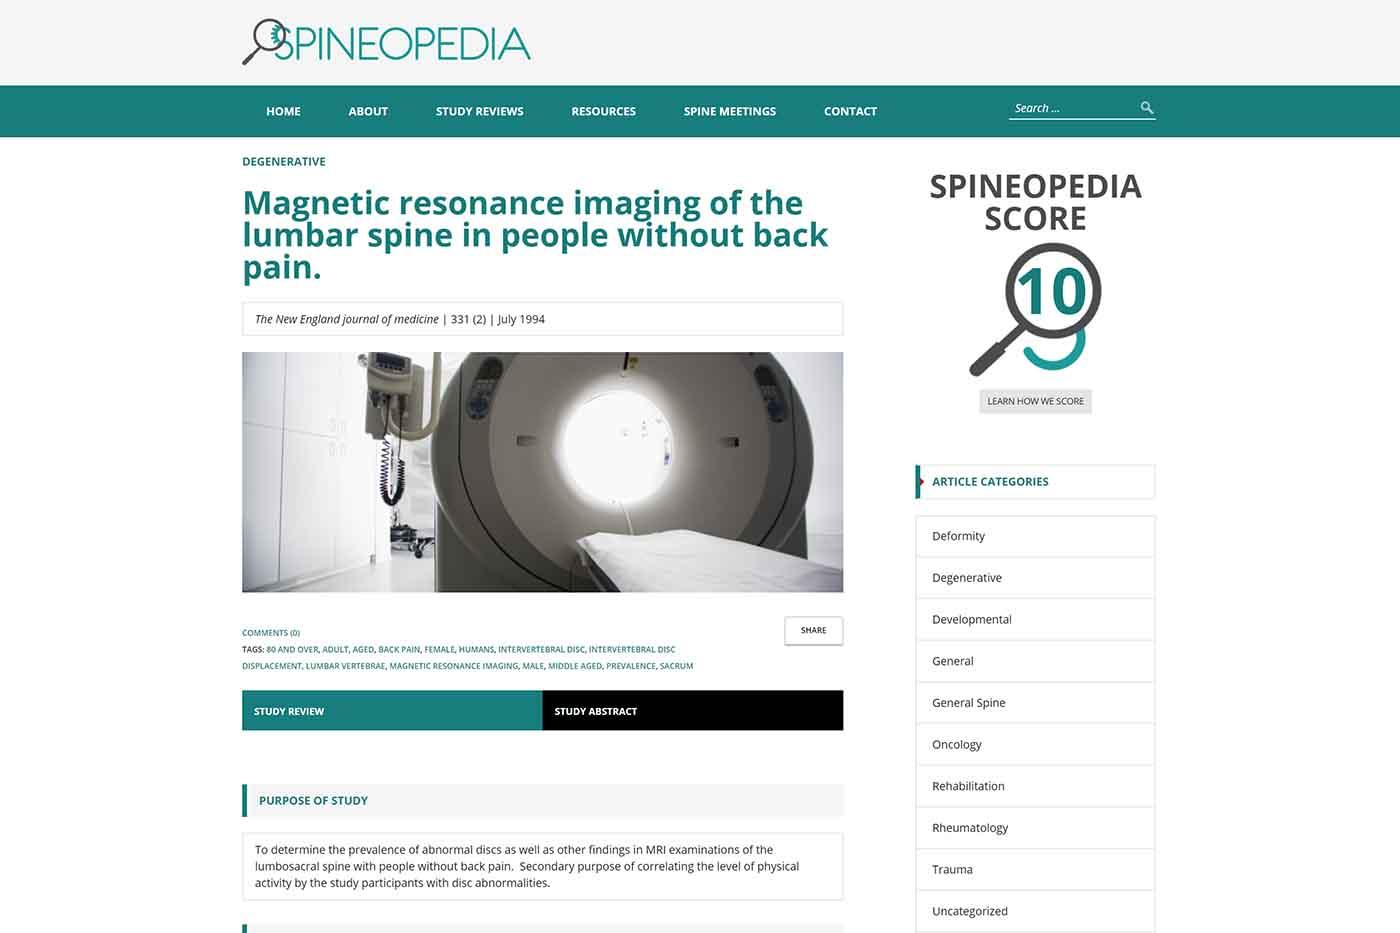 Spineopedia